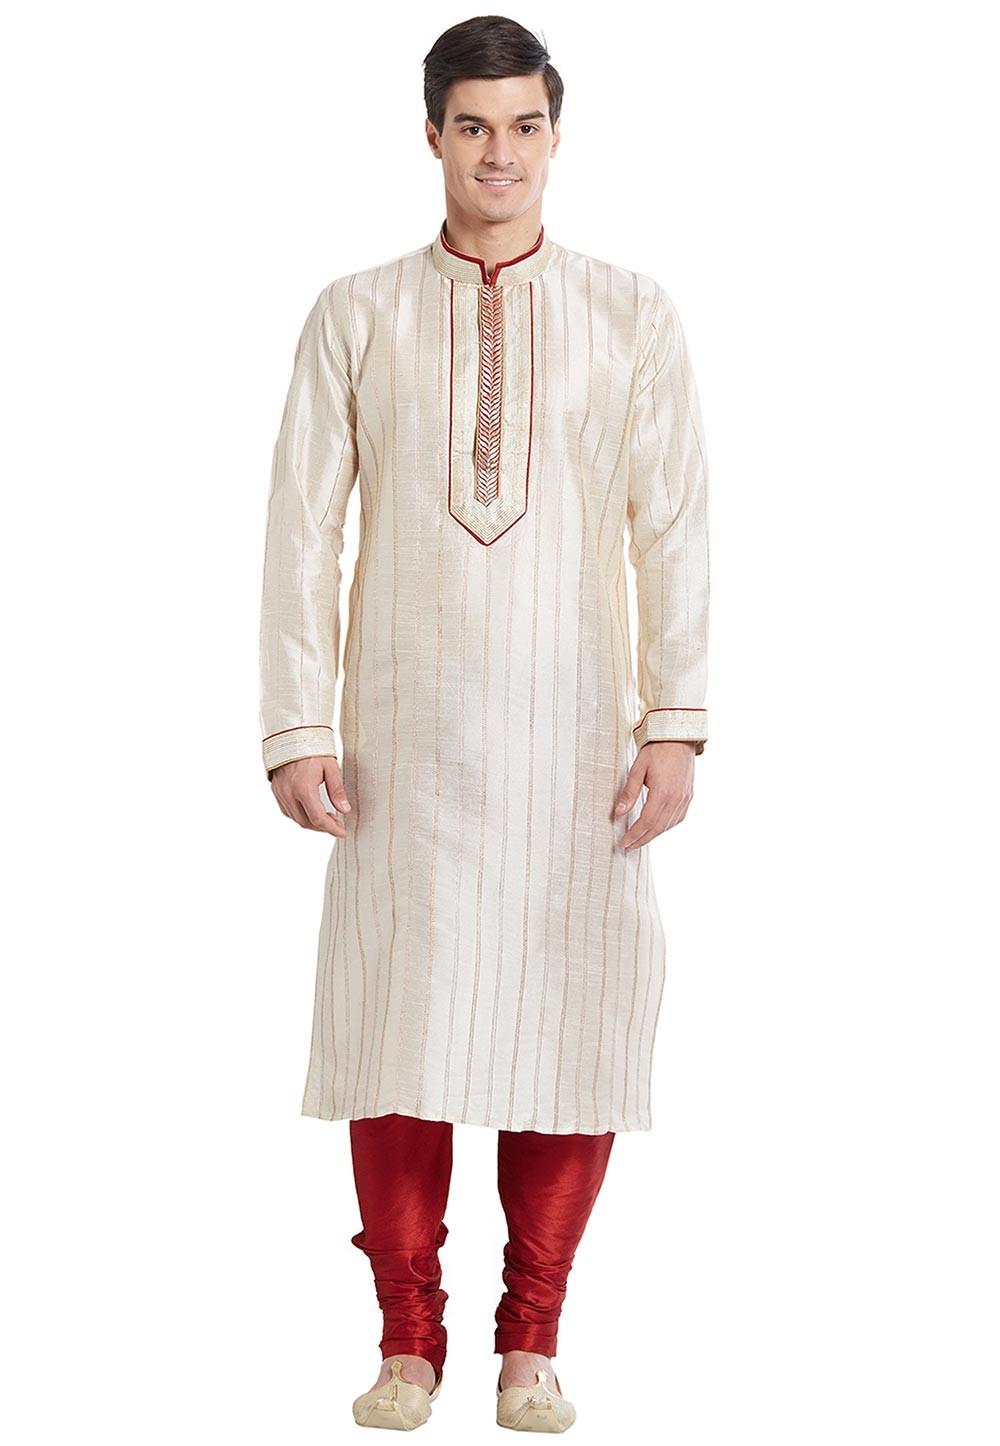 Off White Color Silk Readymade Kurta Pajama